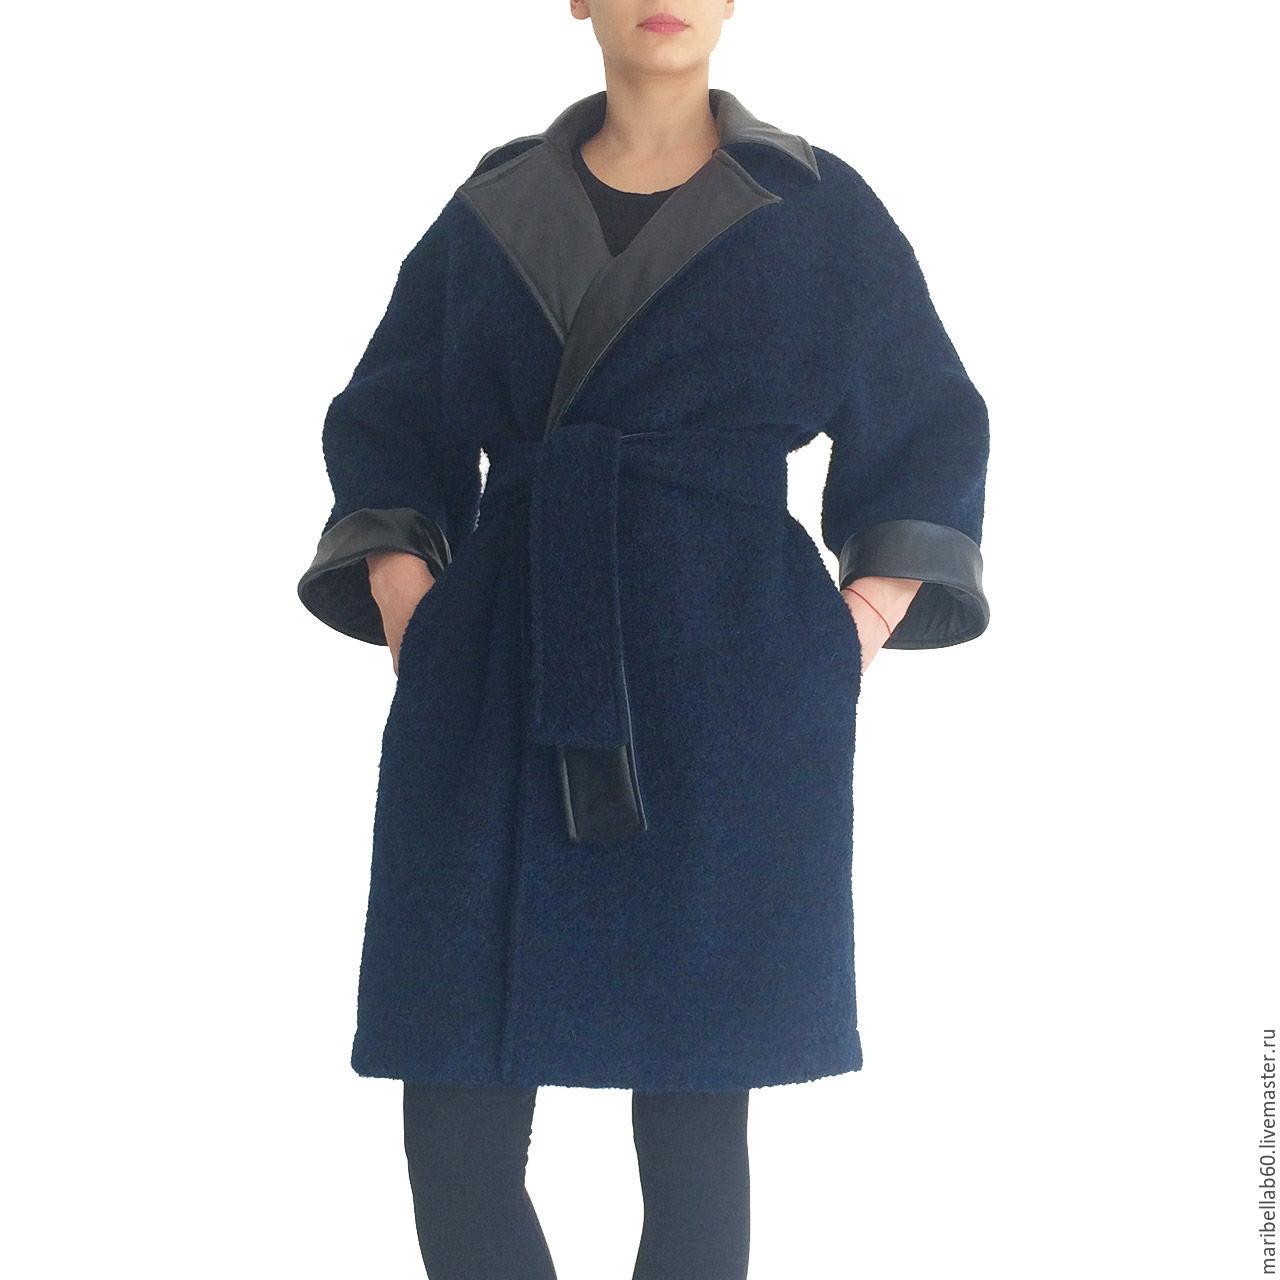 Comprar abrigos en new york